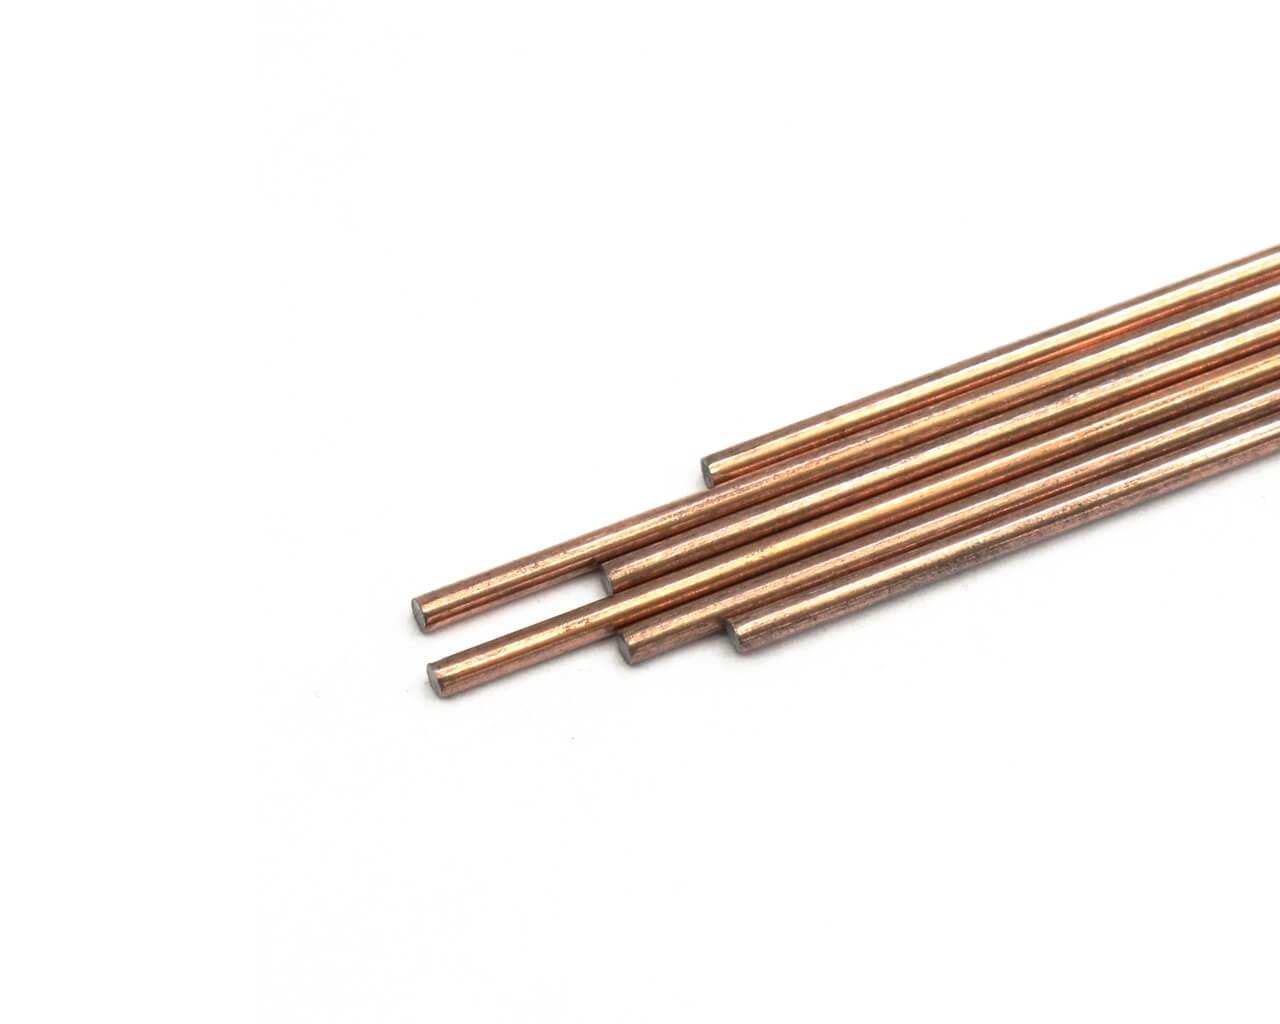 WIG-Schweißstäbe 1.5125 SG 2 2.4x1000mm / 10kg-Pack